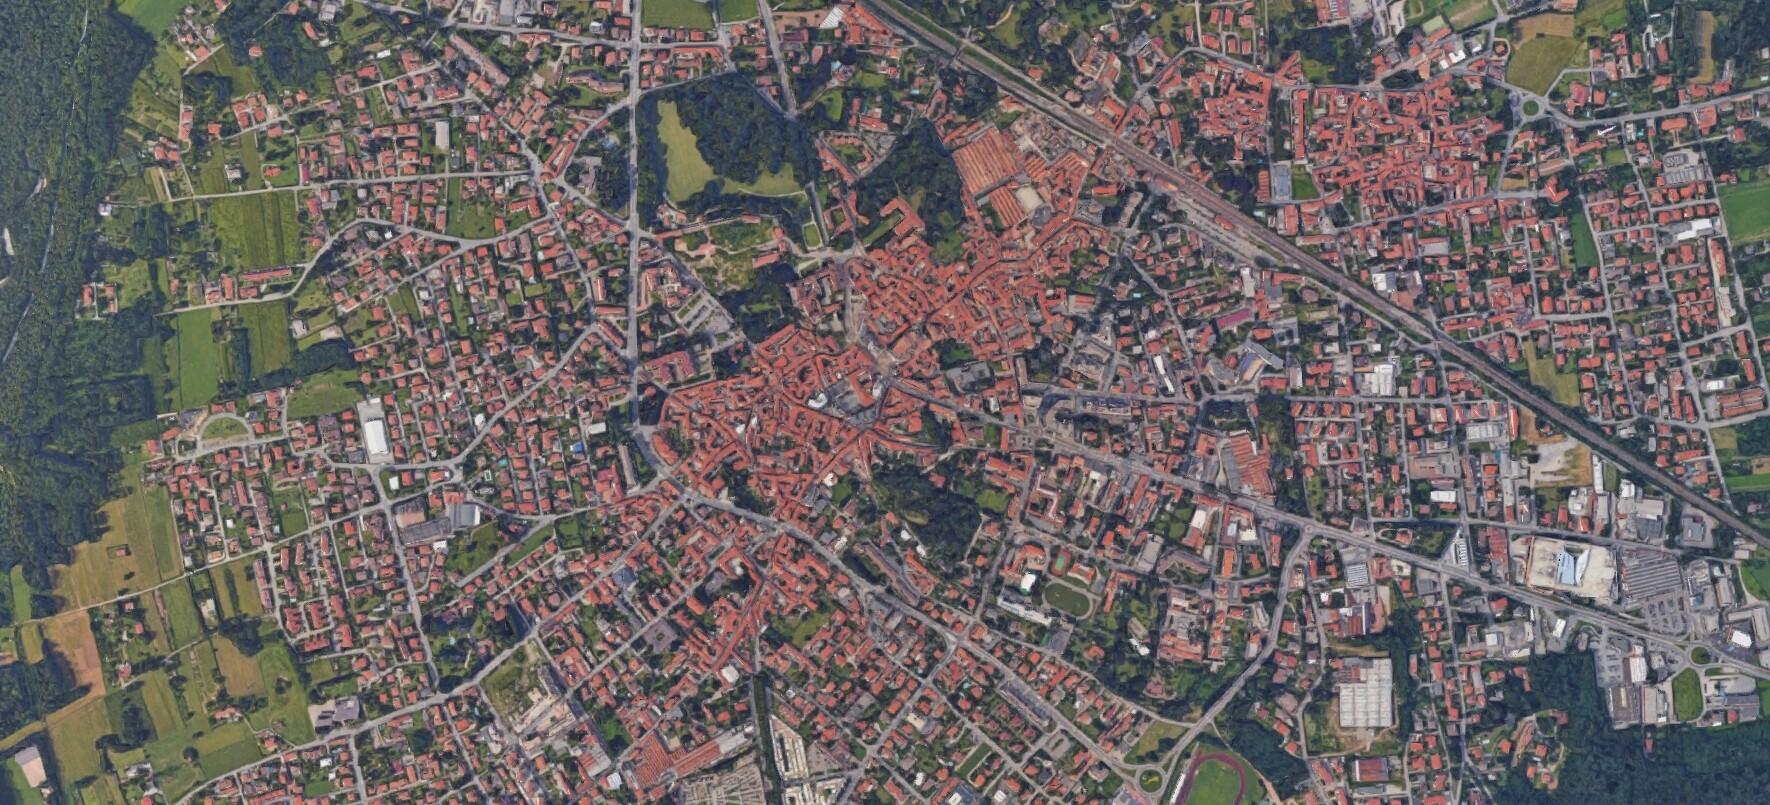 Immagine di Google Maps che mostra Somma Lombardo dall'alto